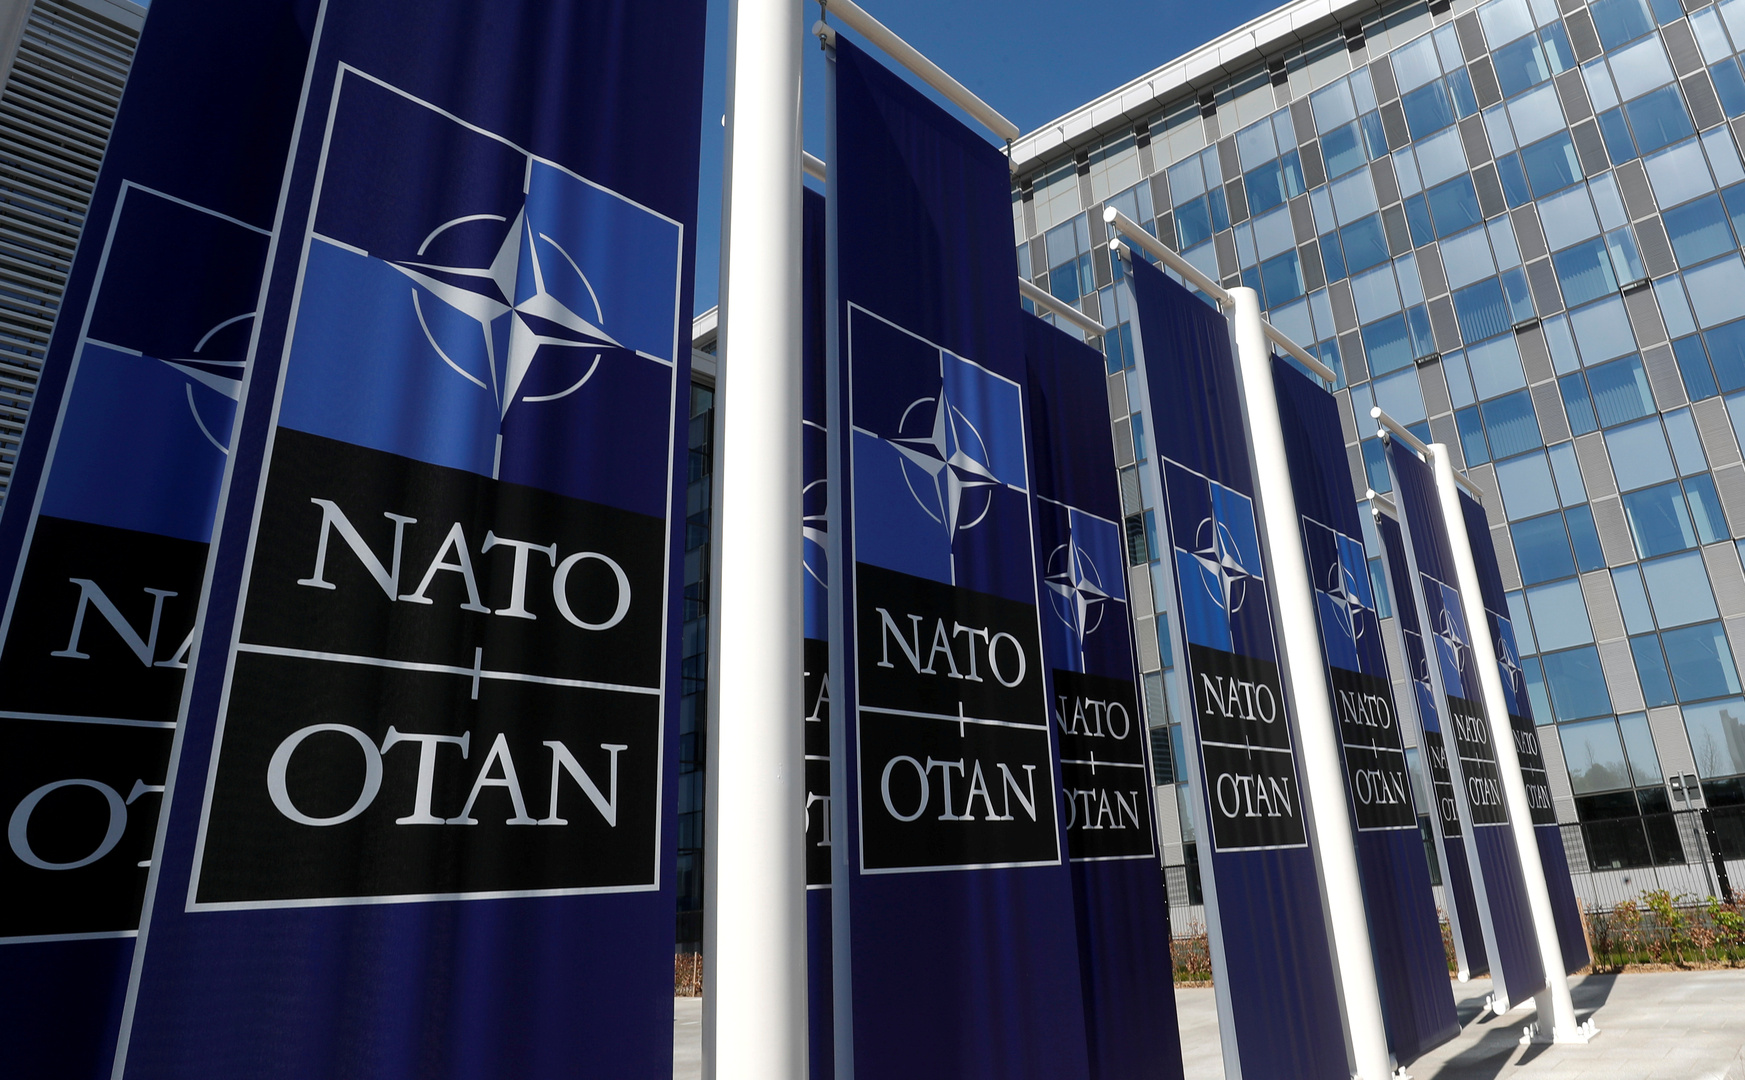 صحيفة: الناتو مقبل على تعيين امرأة في منصب الأمين العام للحلف